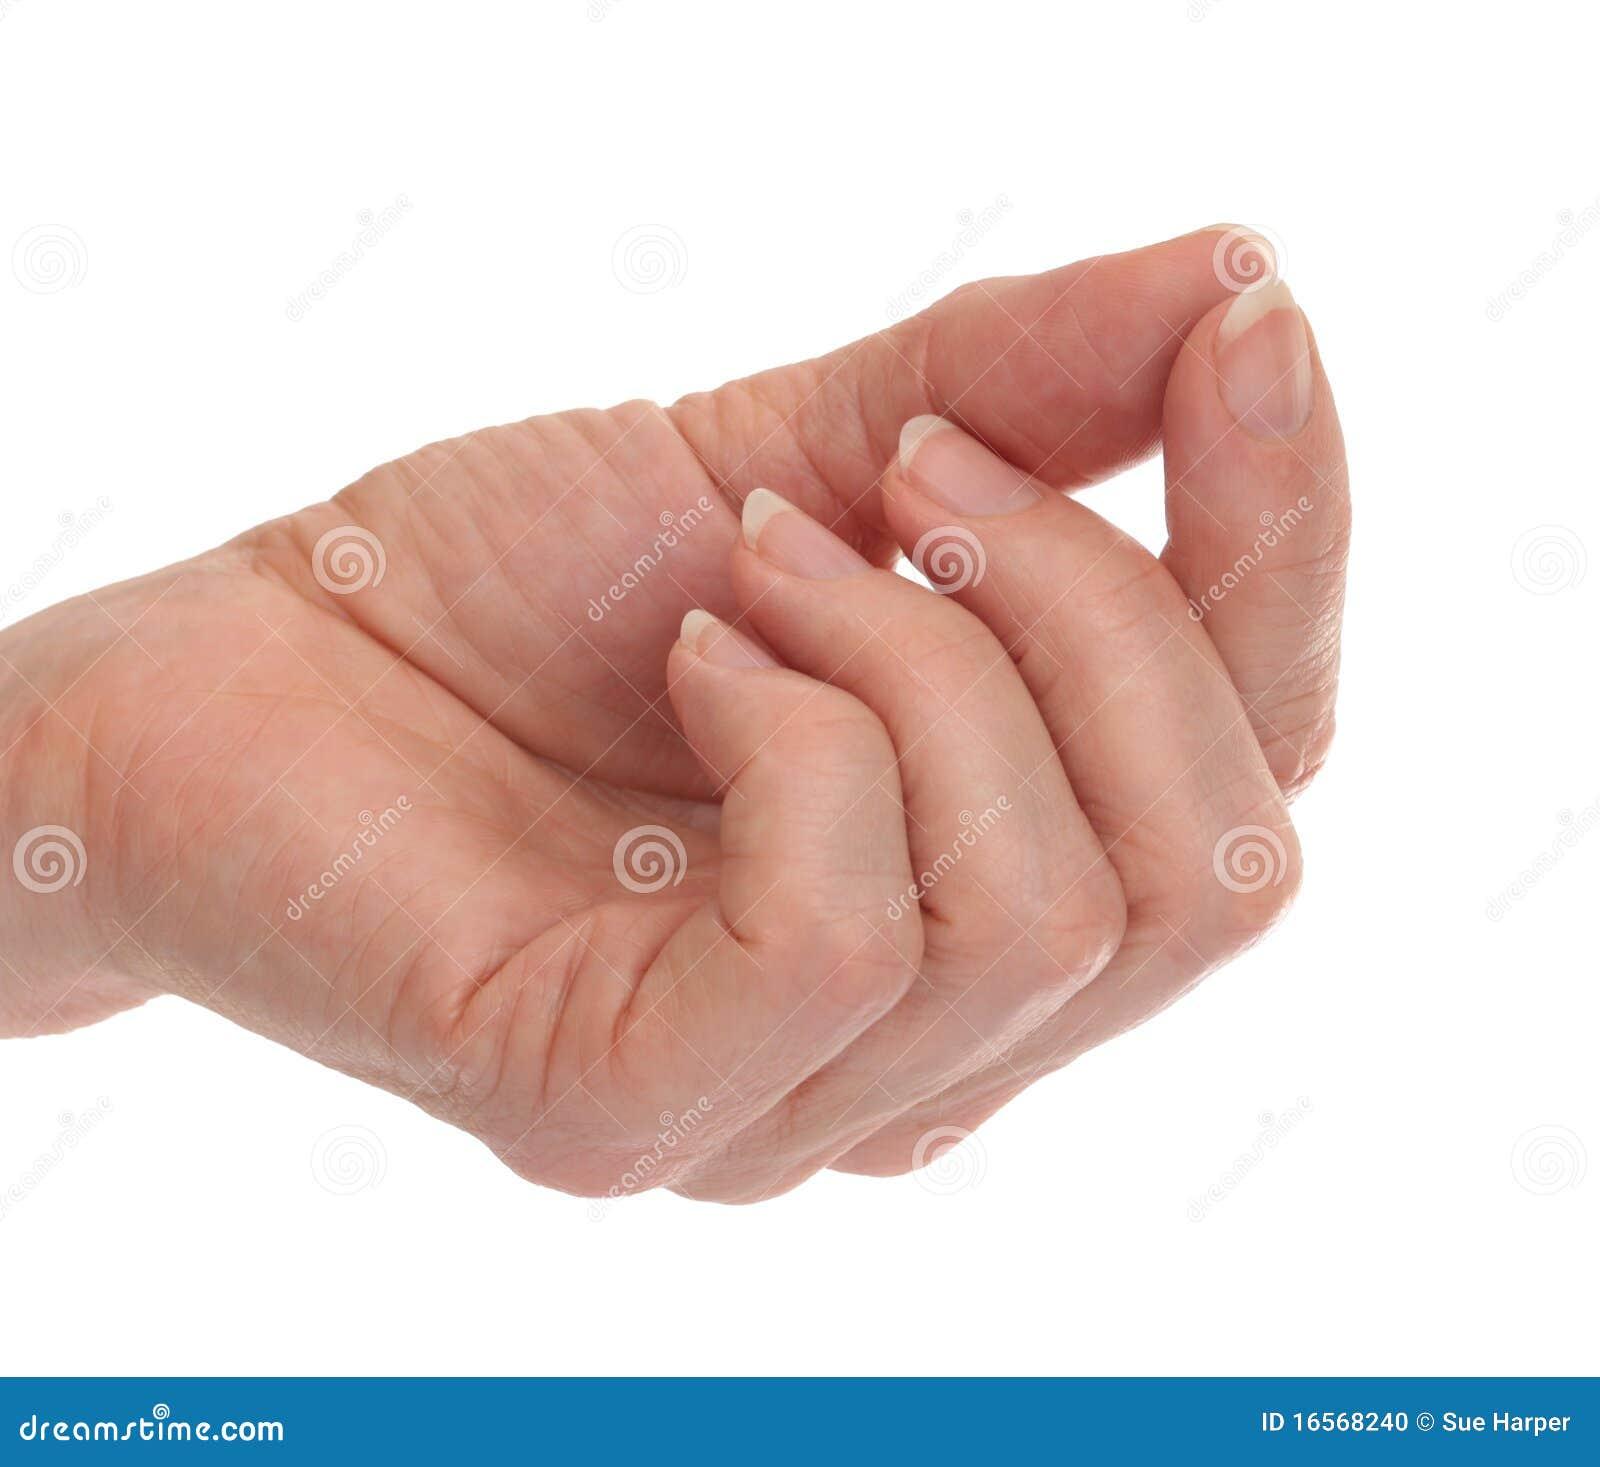 Index Finger Thumb